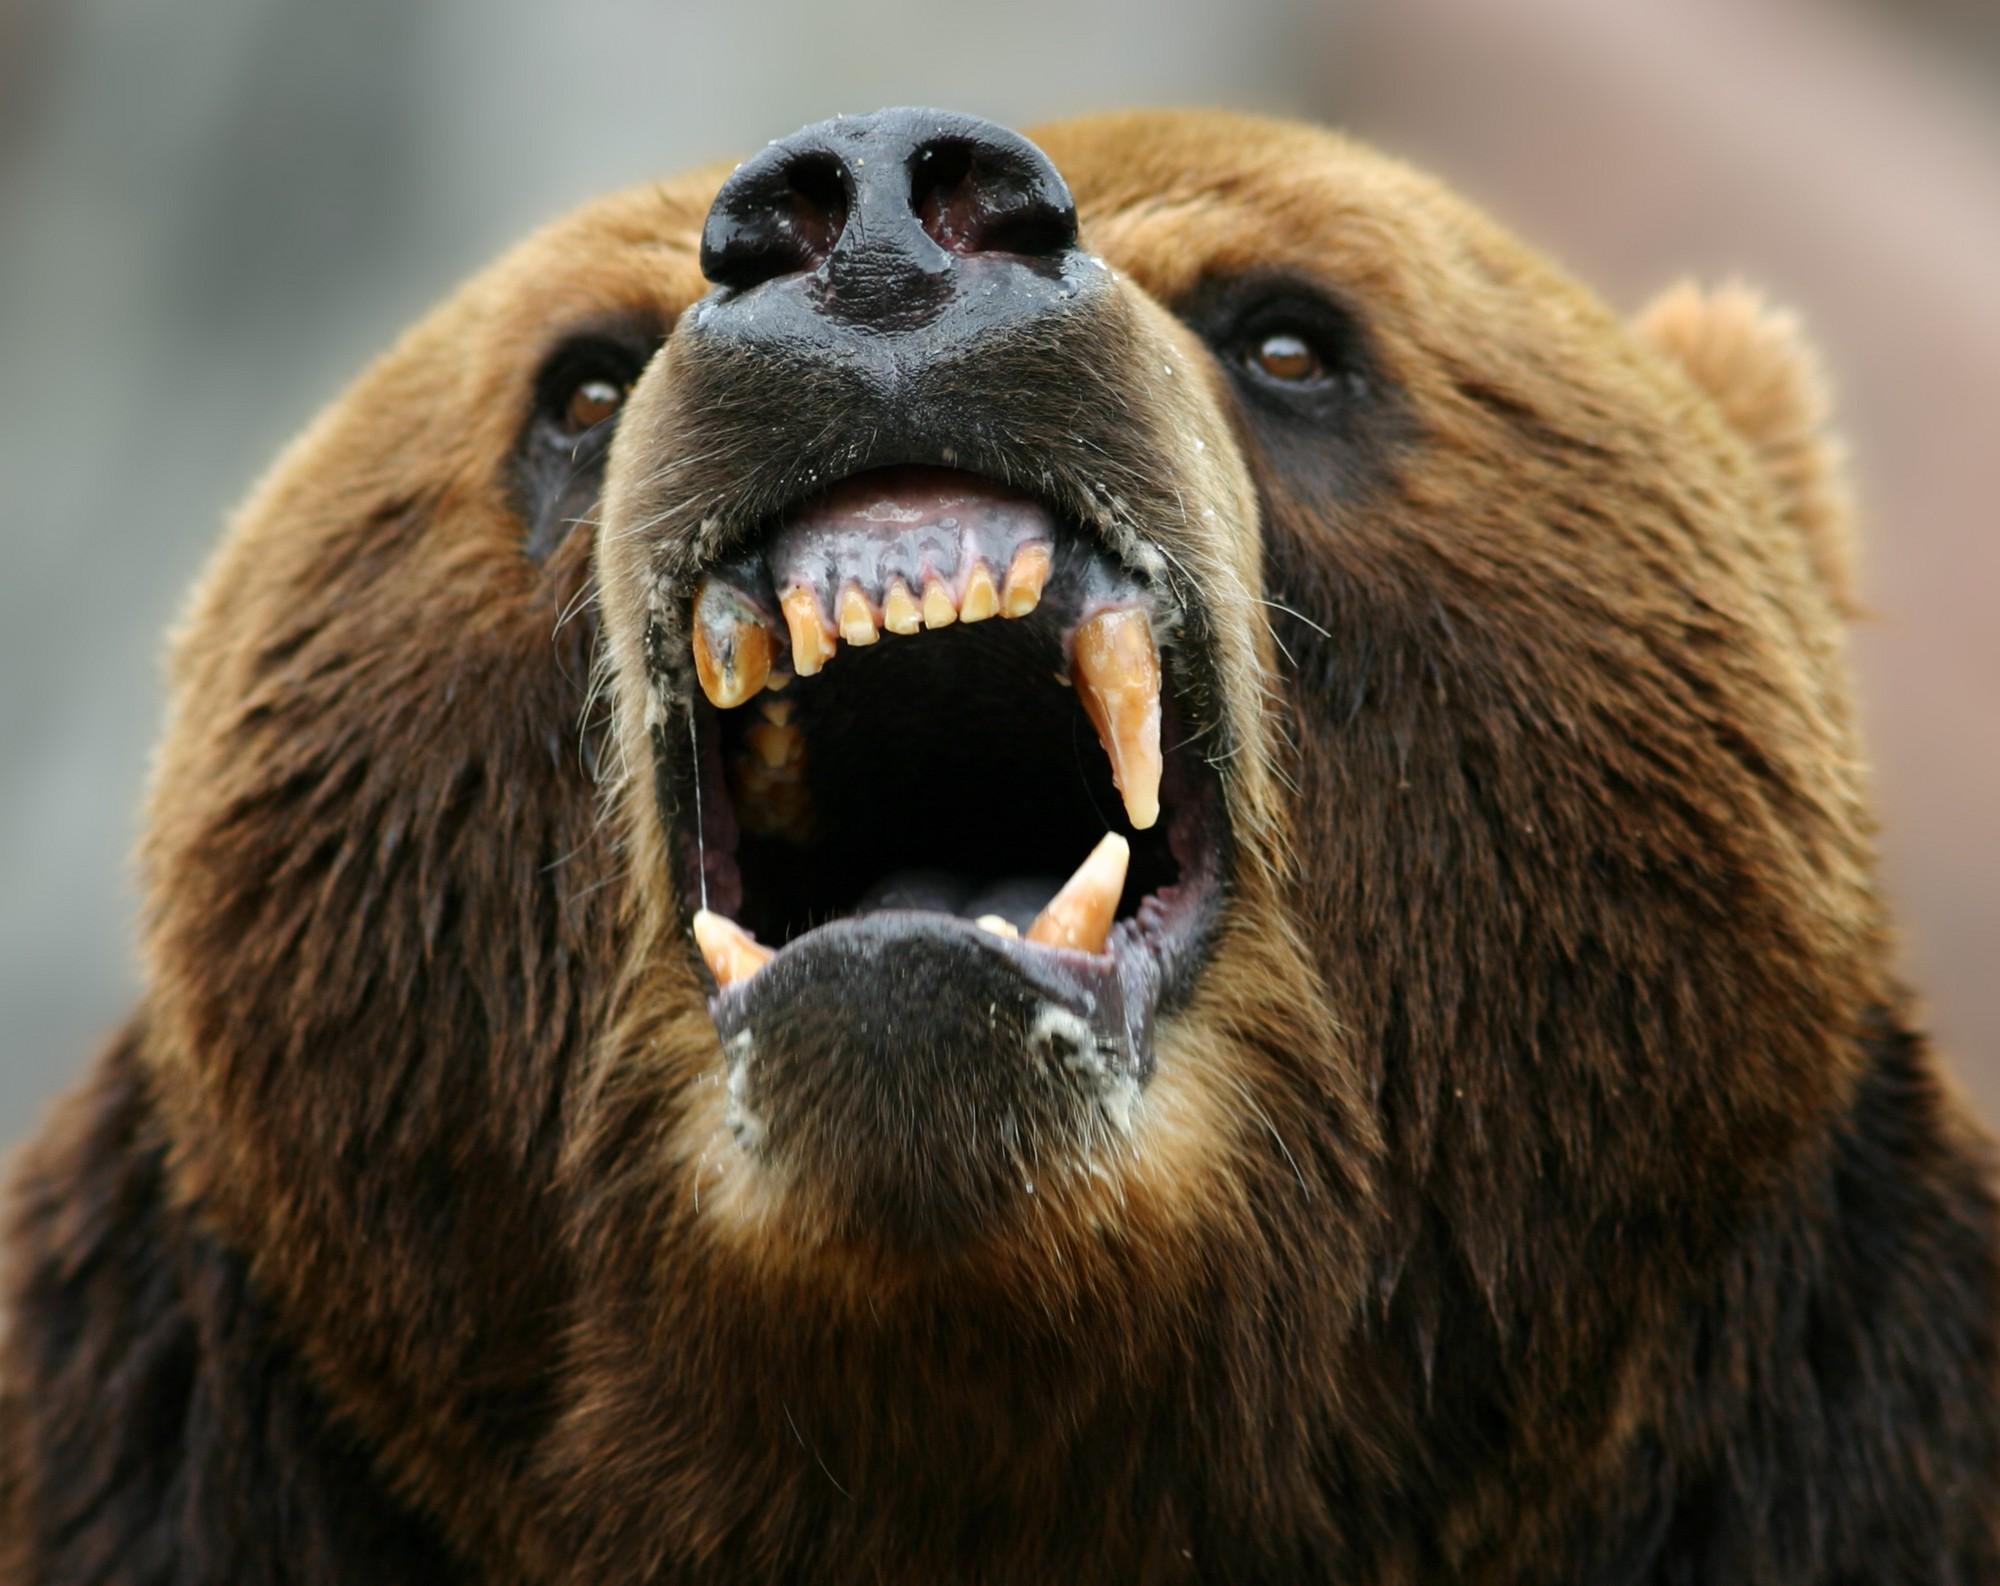 бурый злой медведь картинки удалось сохранить, хотя